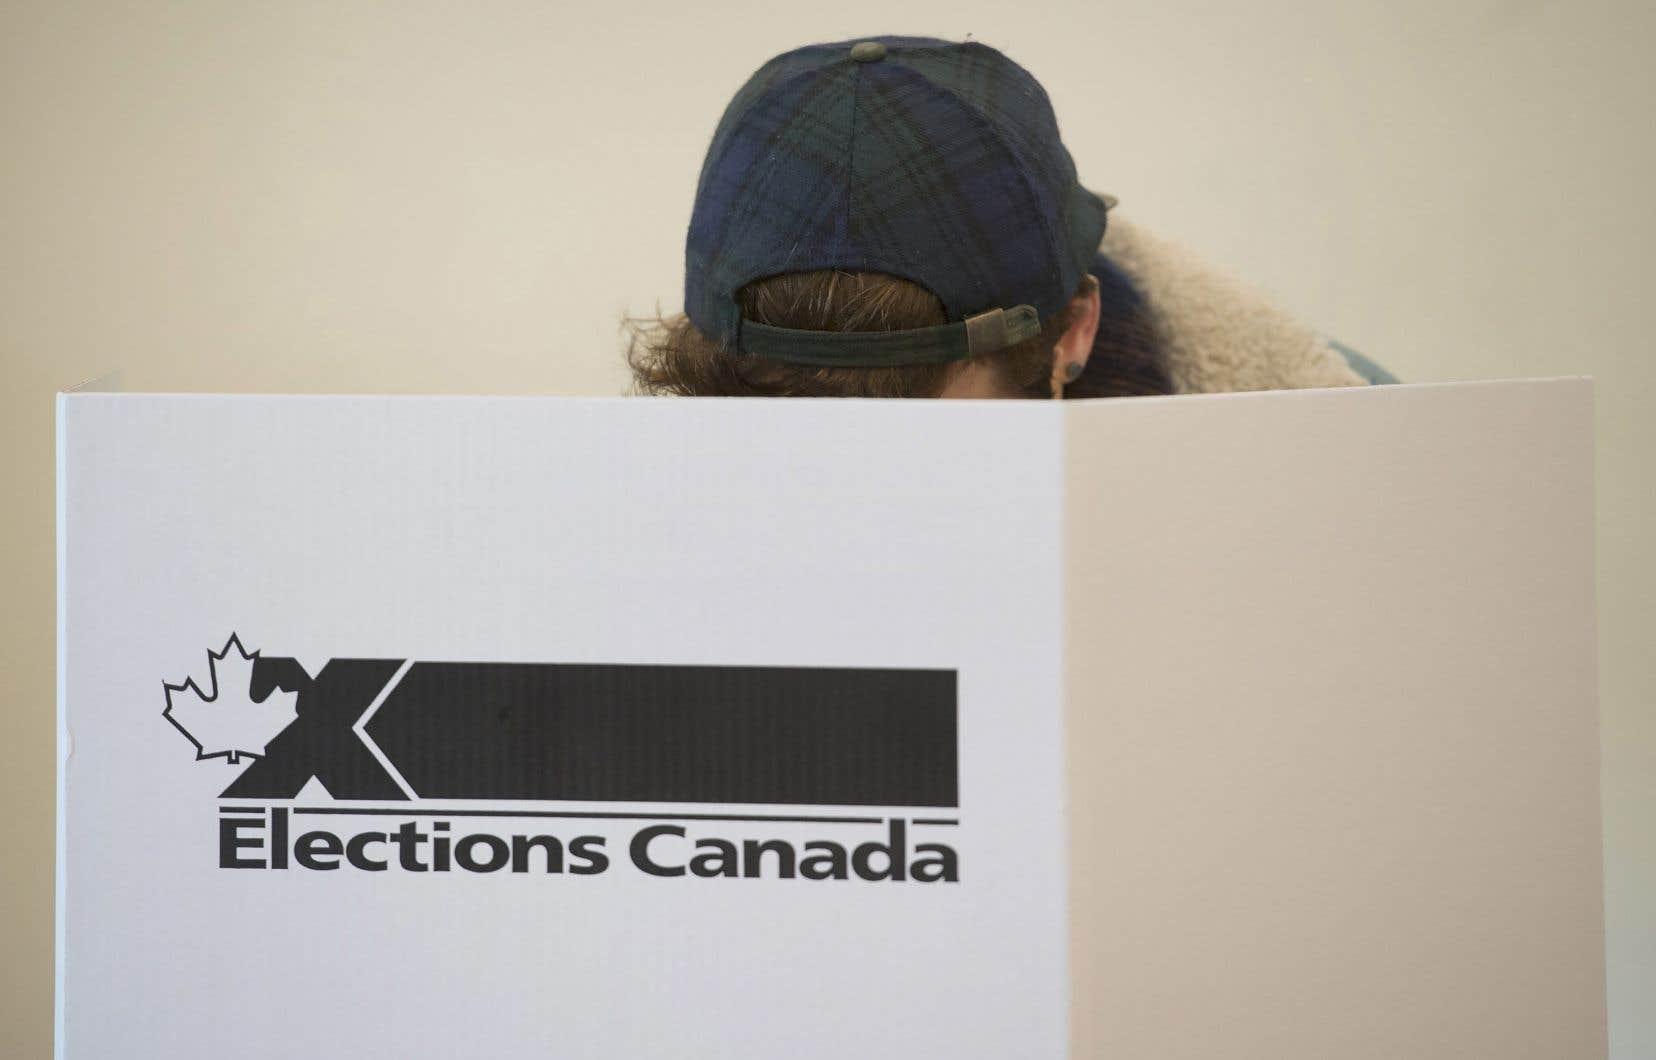 «Pour le moment nous n'avons pas vu de menaces directes à l'élection générale de 2019», ont assuré des fonctionnaires fédéraux mardi, lors d'une séance d'information sur les préparatifs en vue du scrutin.